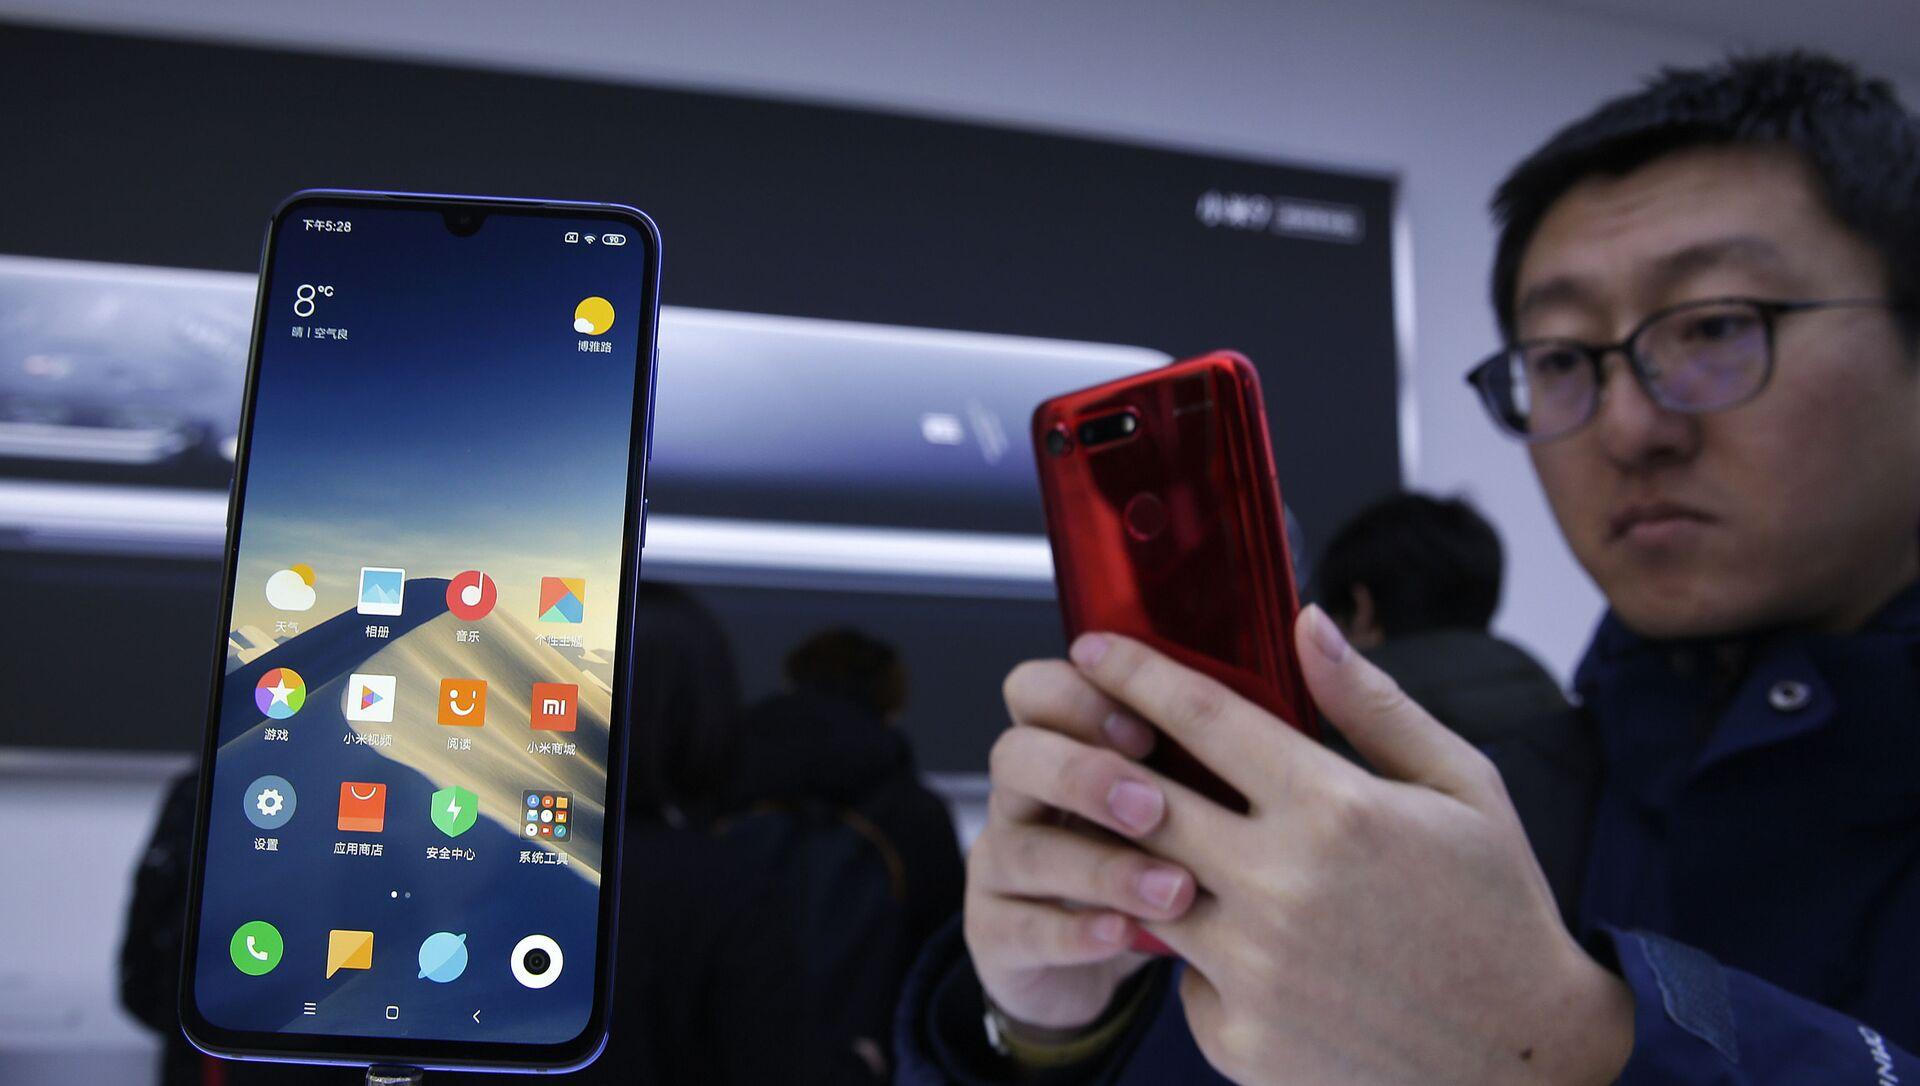 Xiaomi, brevettato il sistema che proteggerà la privacy sul tuo smartphone - Sputnik Italia, 1920, 16.03.2021